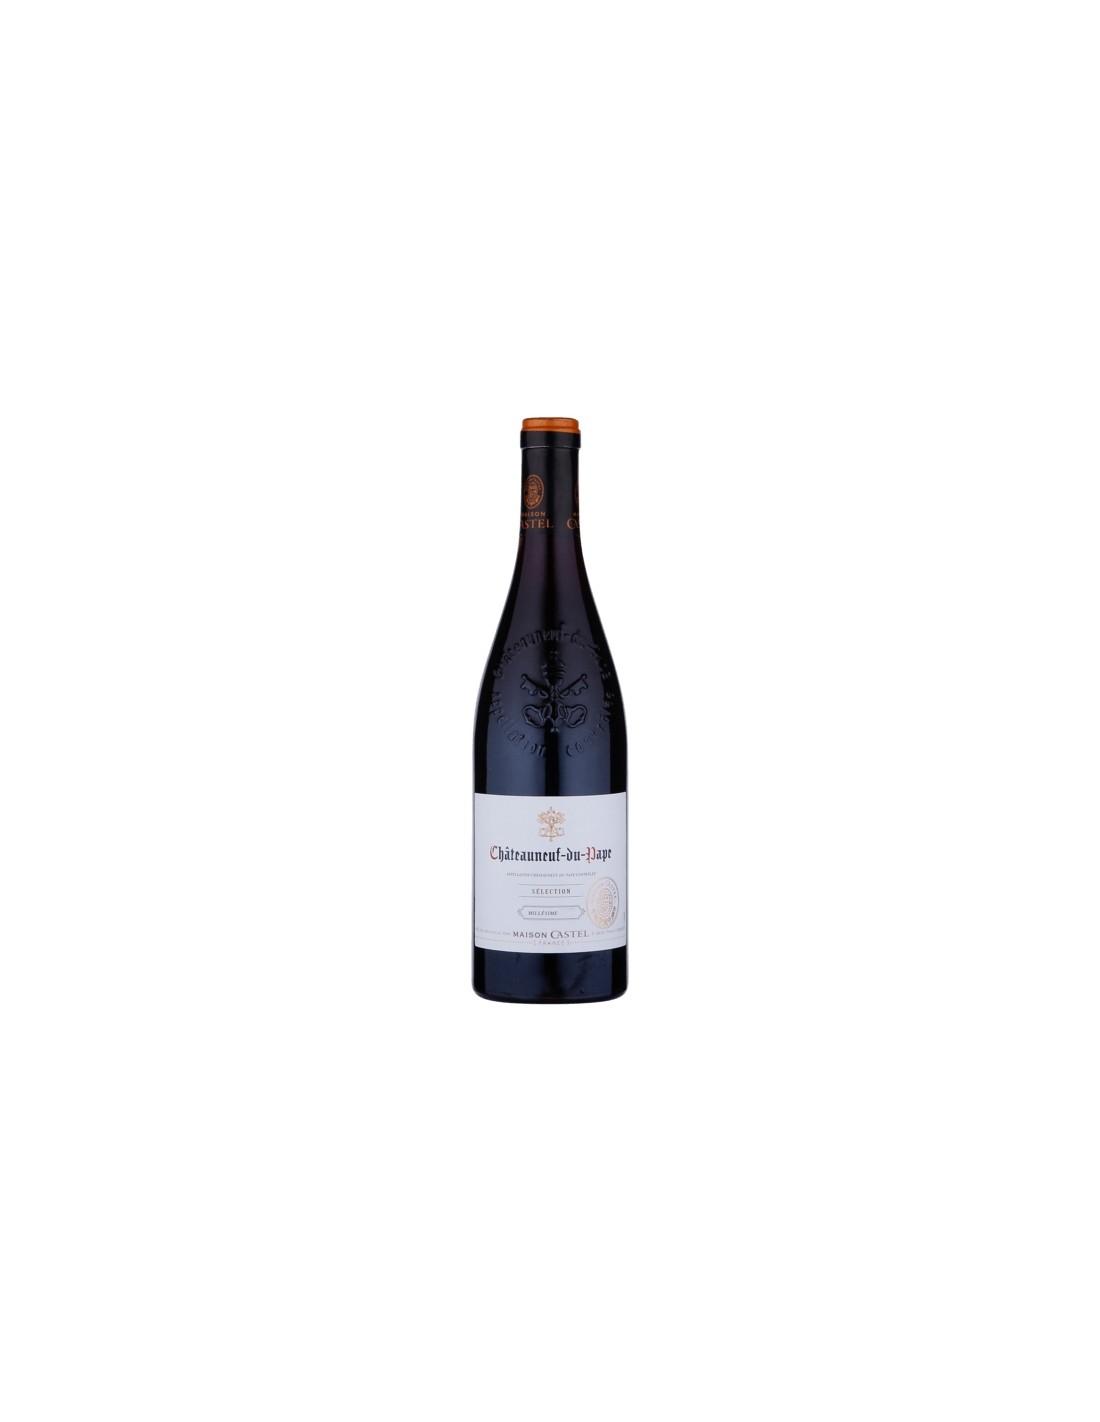 Vin rosu Maison Selection Castel Chateauneuf-du-Pape, 14.5% alc., 0.75L, Franta